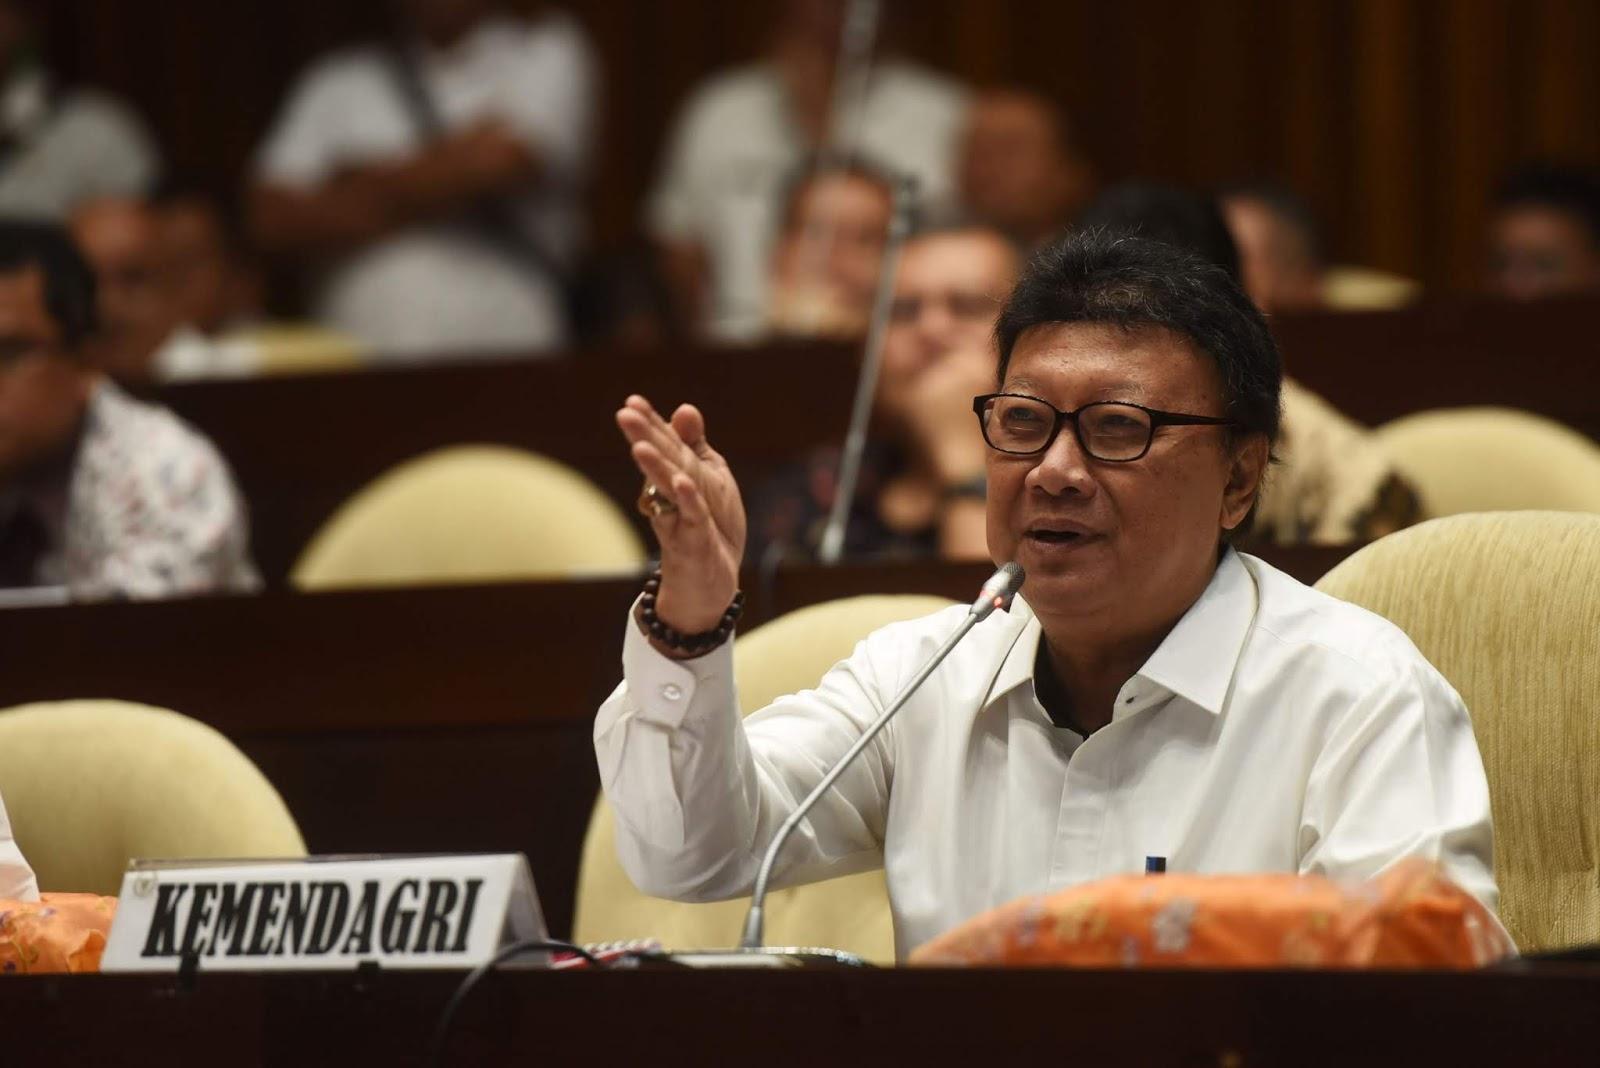 Mendagri Soal Kampanye, Kepala Daerah Dimaklumi, ASN Dilarang